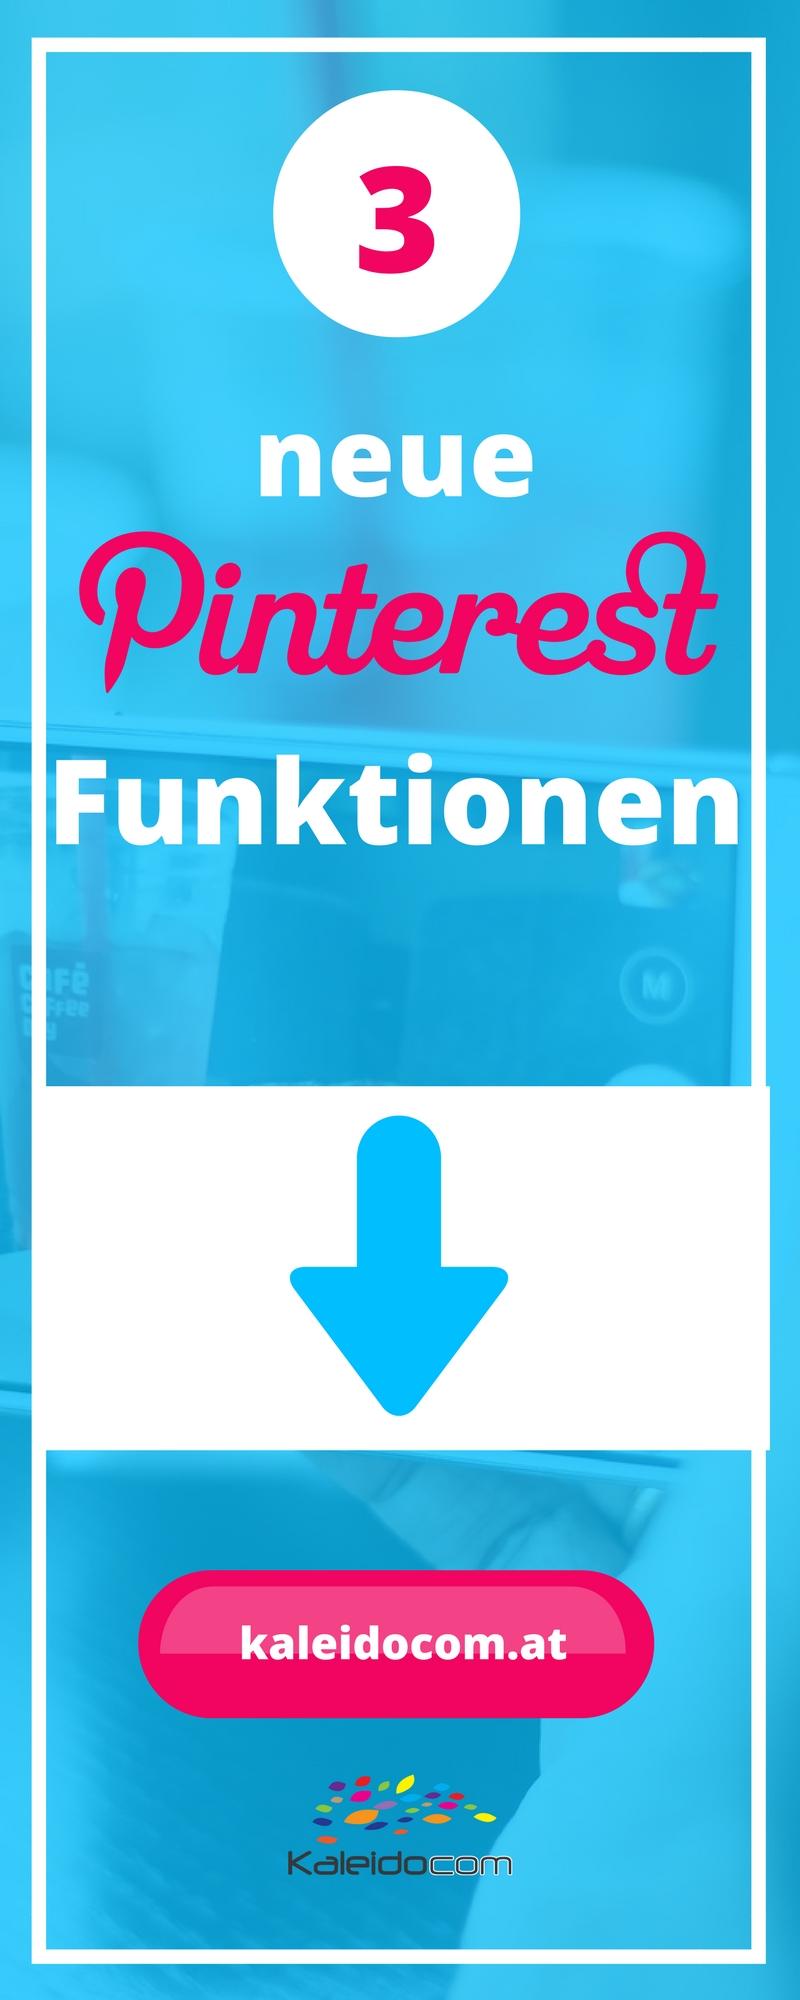 3 neue Pinterest Funktionen - Pinterest Lens, Instant Ideas und Shop the Look kurz vorgestellt und erklärt. Erfahre hier mehr darüber!